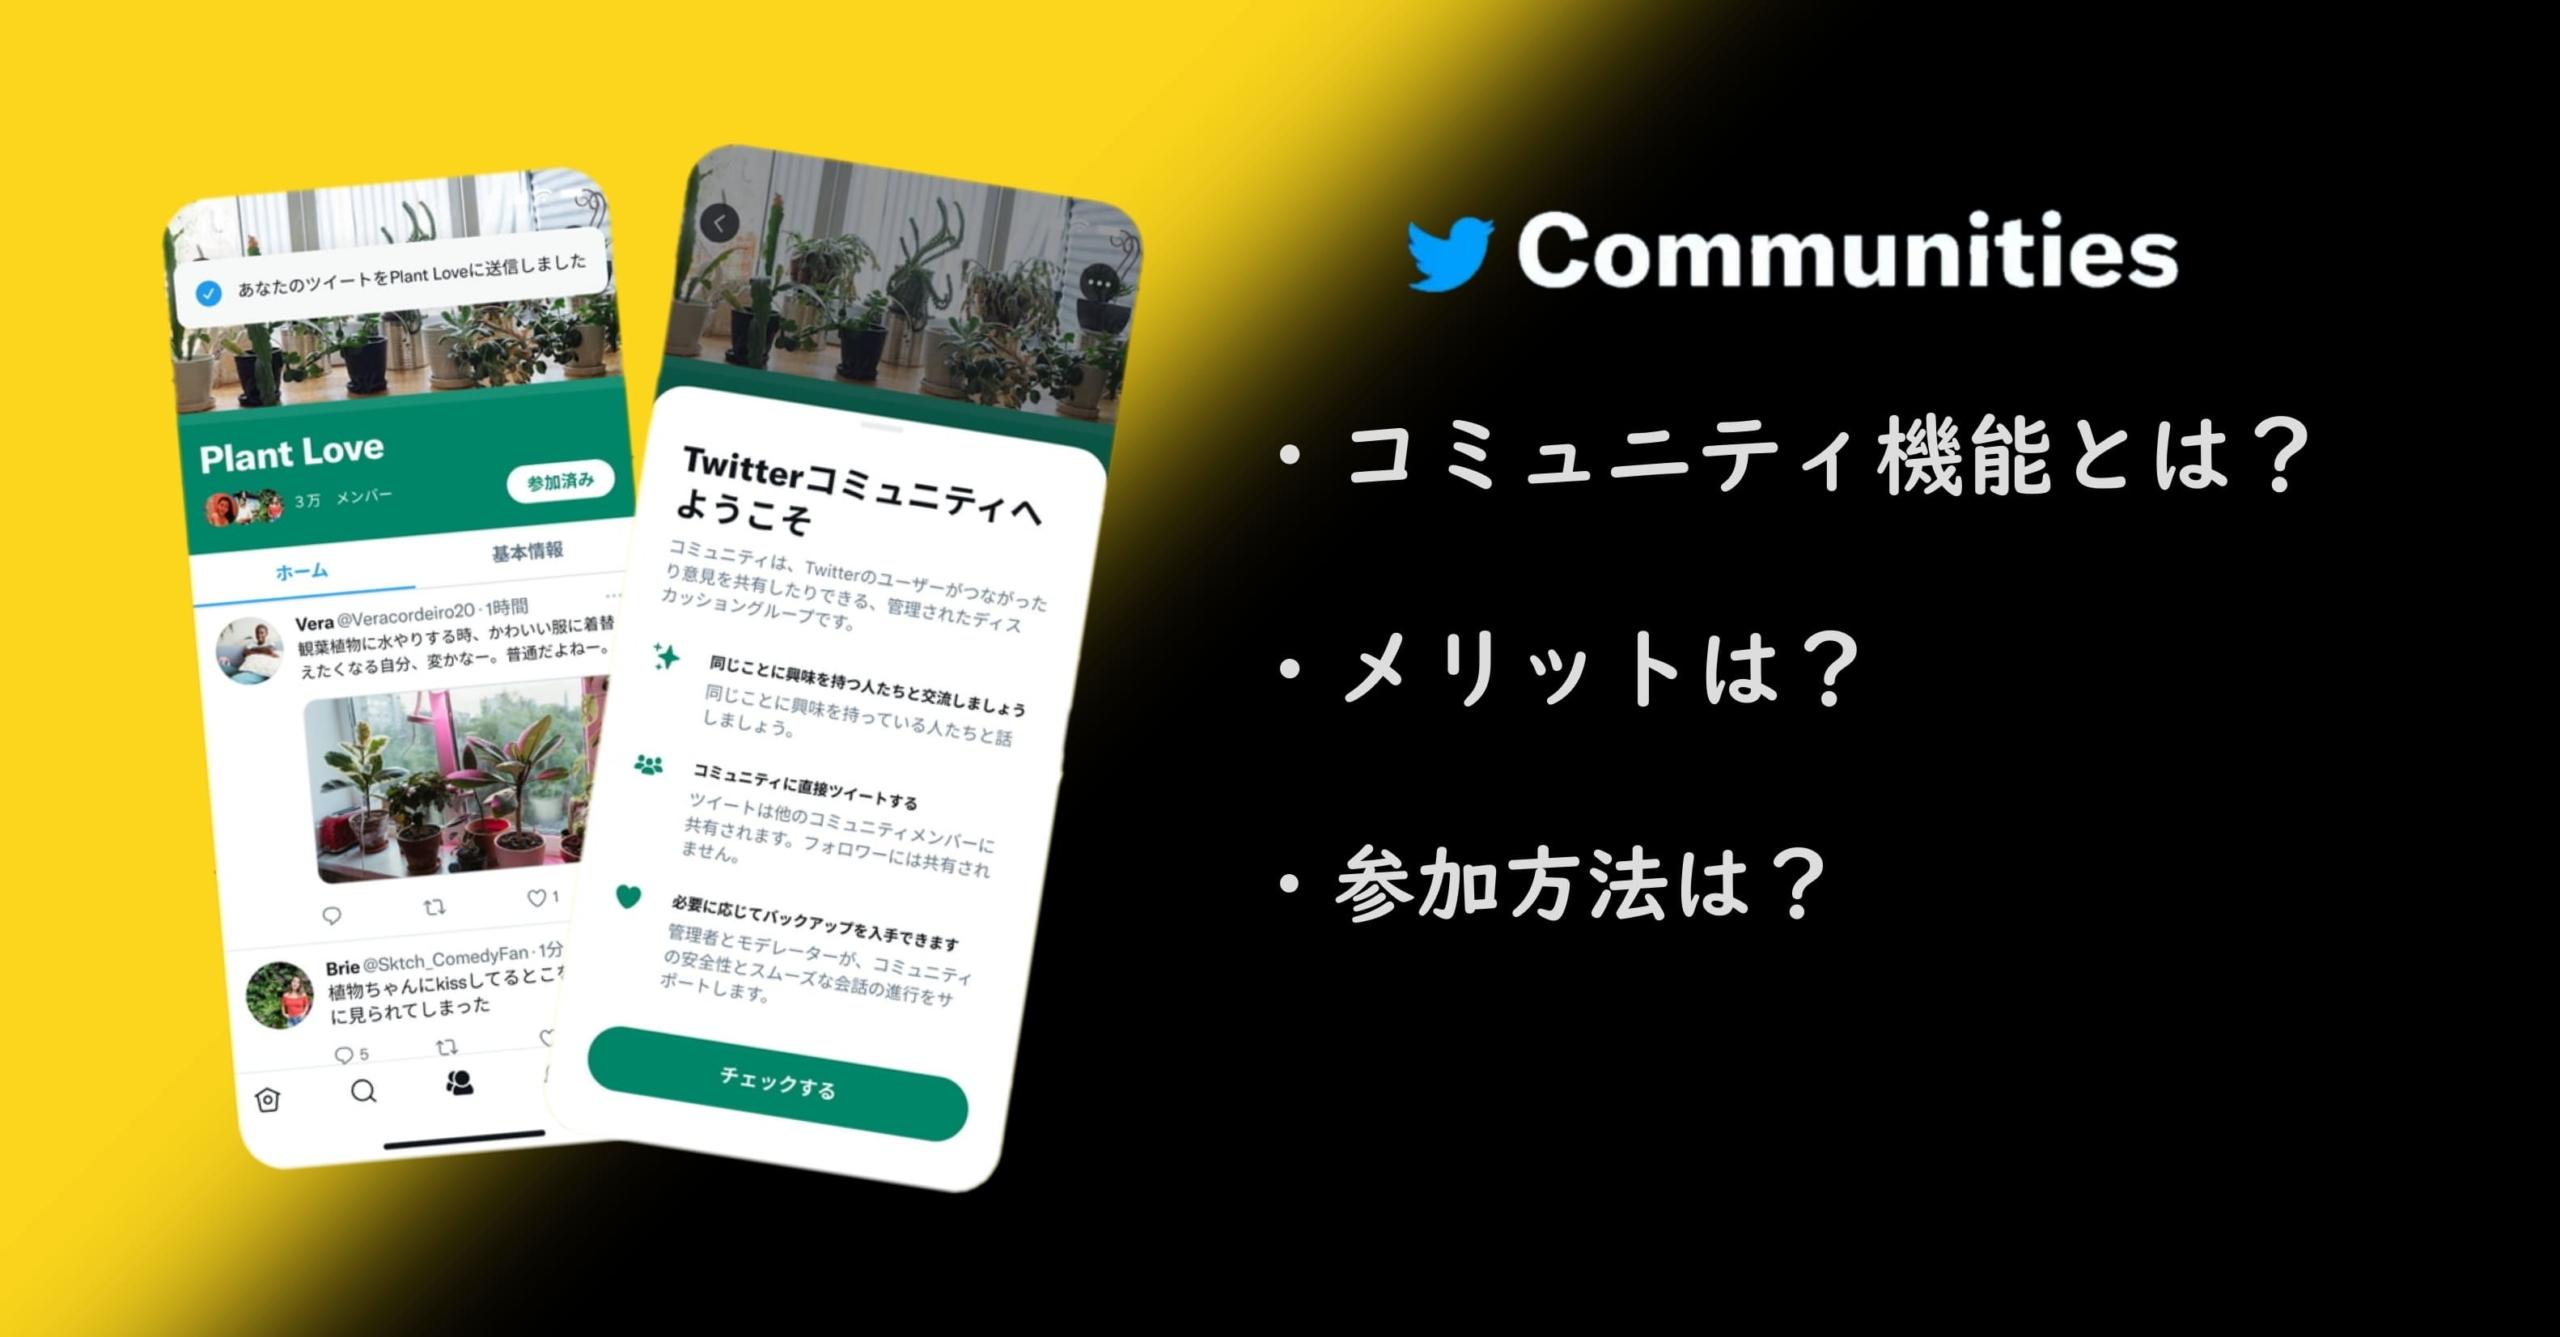 Twitterの新機能『コミュニティ』とは?参加方法やツイート方法も紹介!のアイキャッチ画像